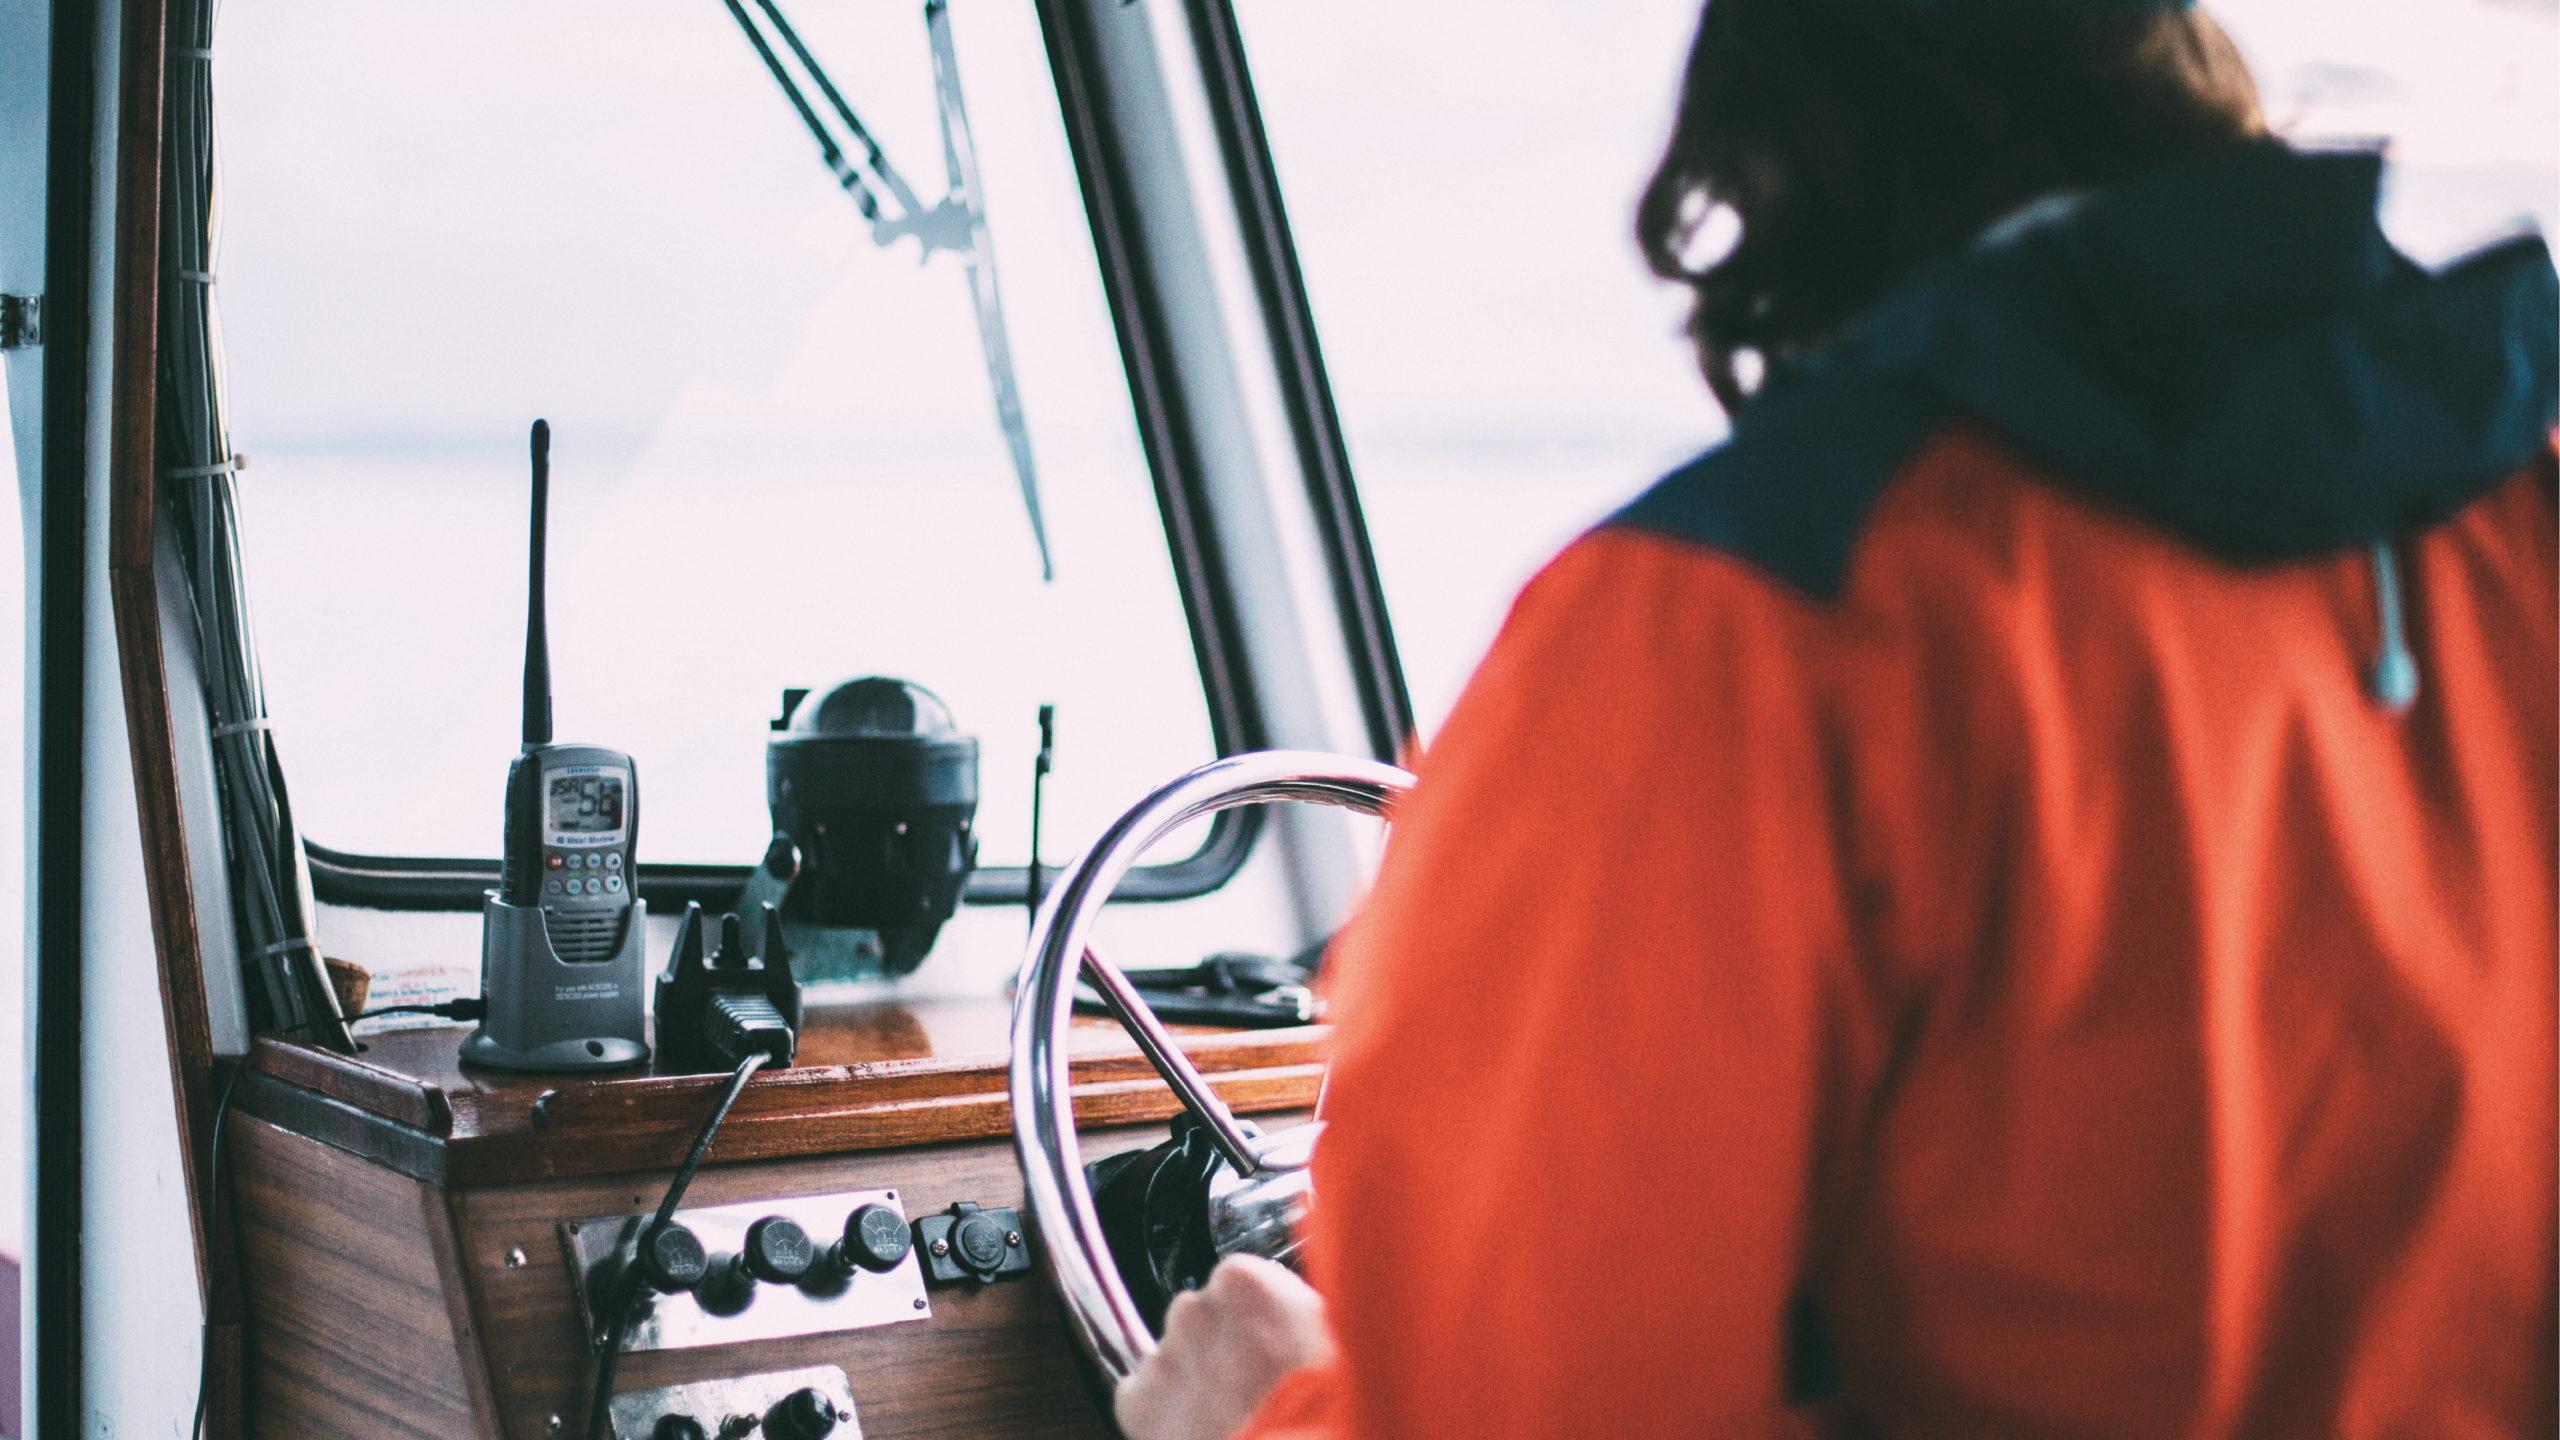 El mundo podría enfrentar escasez de marineros mercantes en 5 años